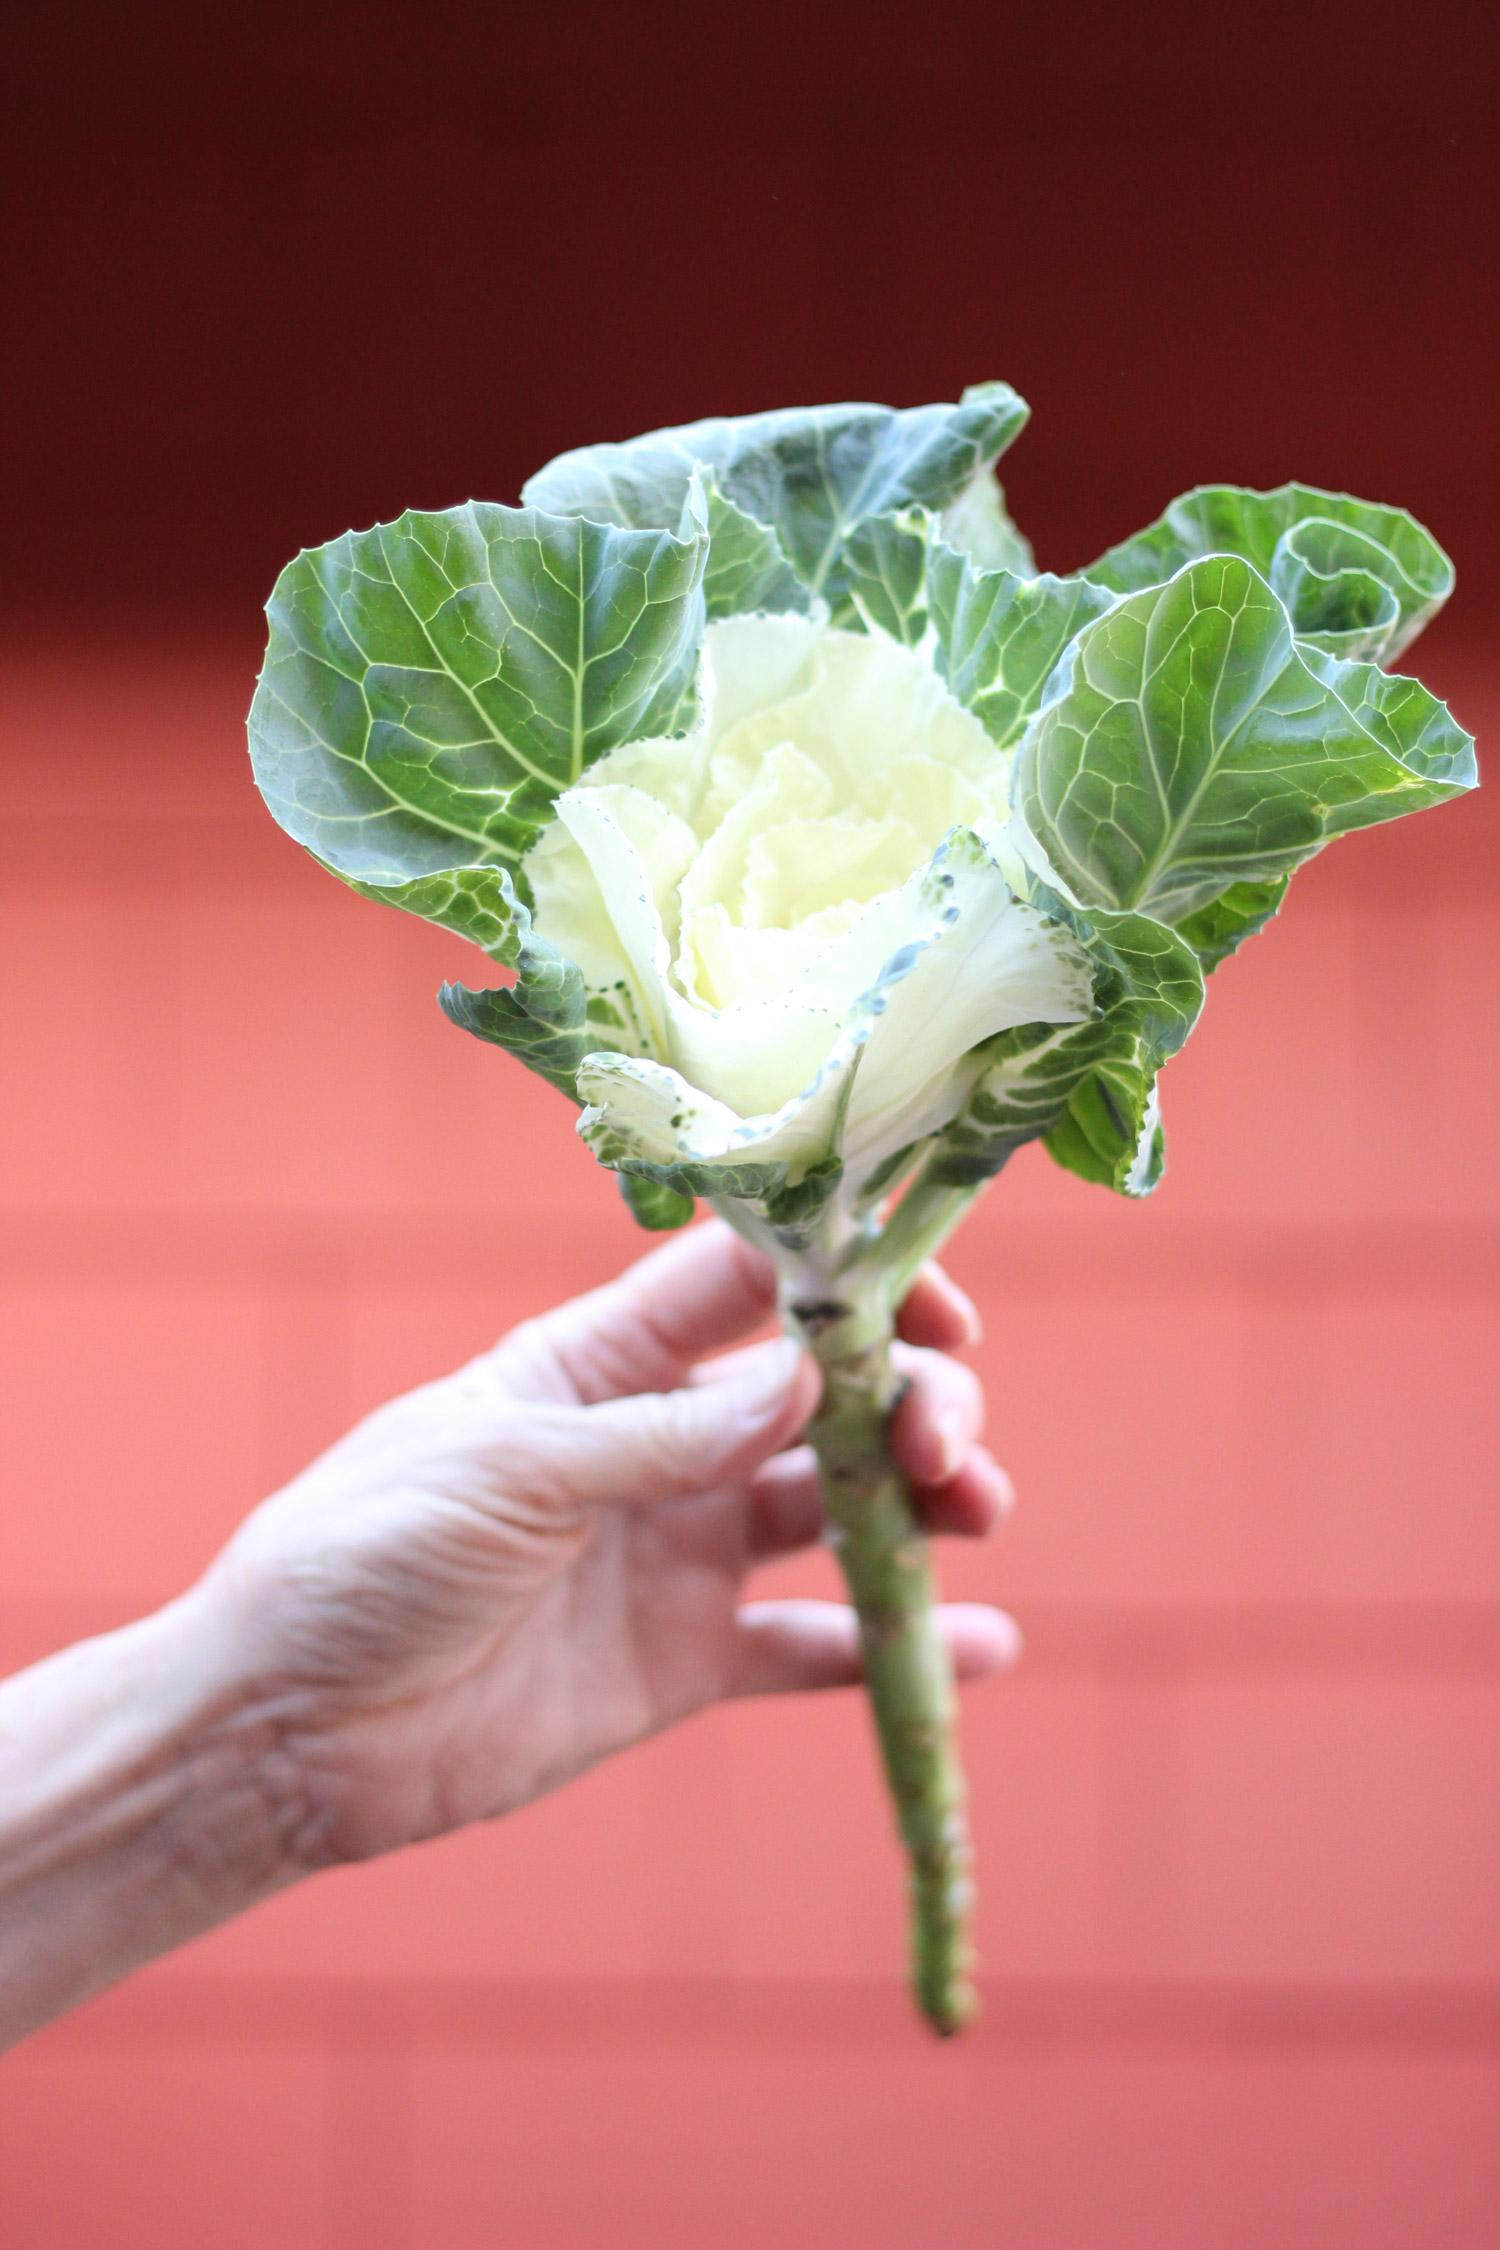 Ah-ha, now we need 6 stems of kale.